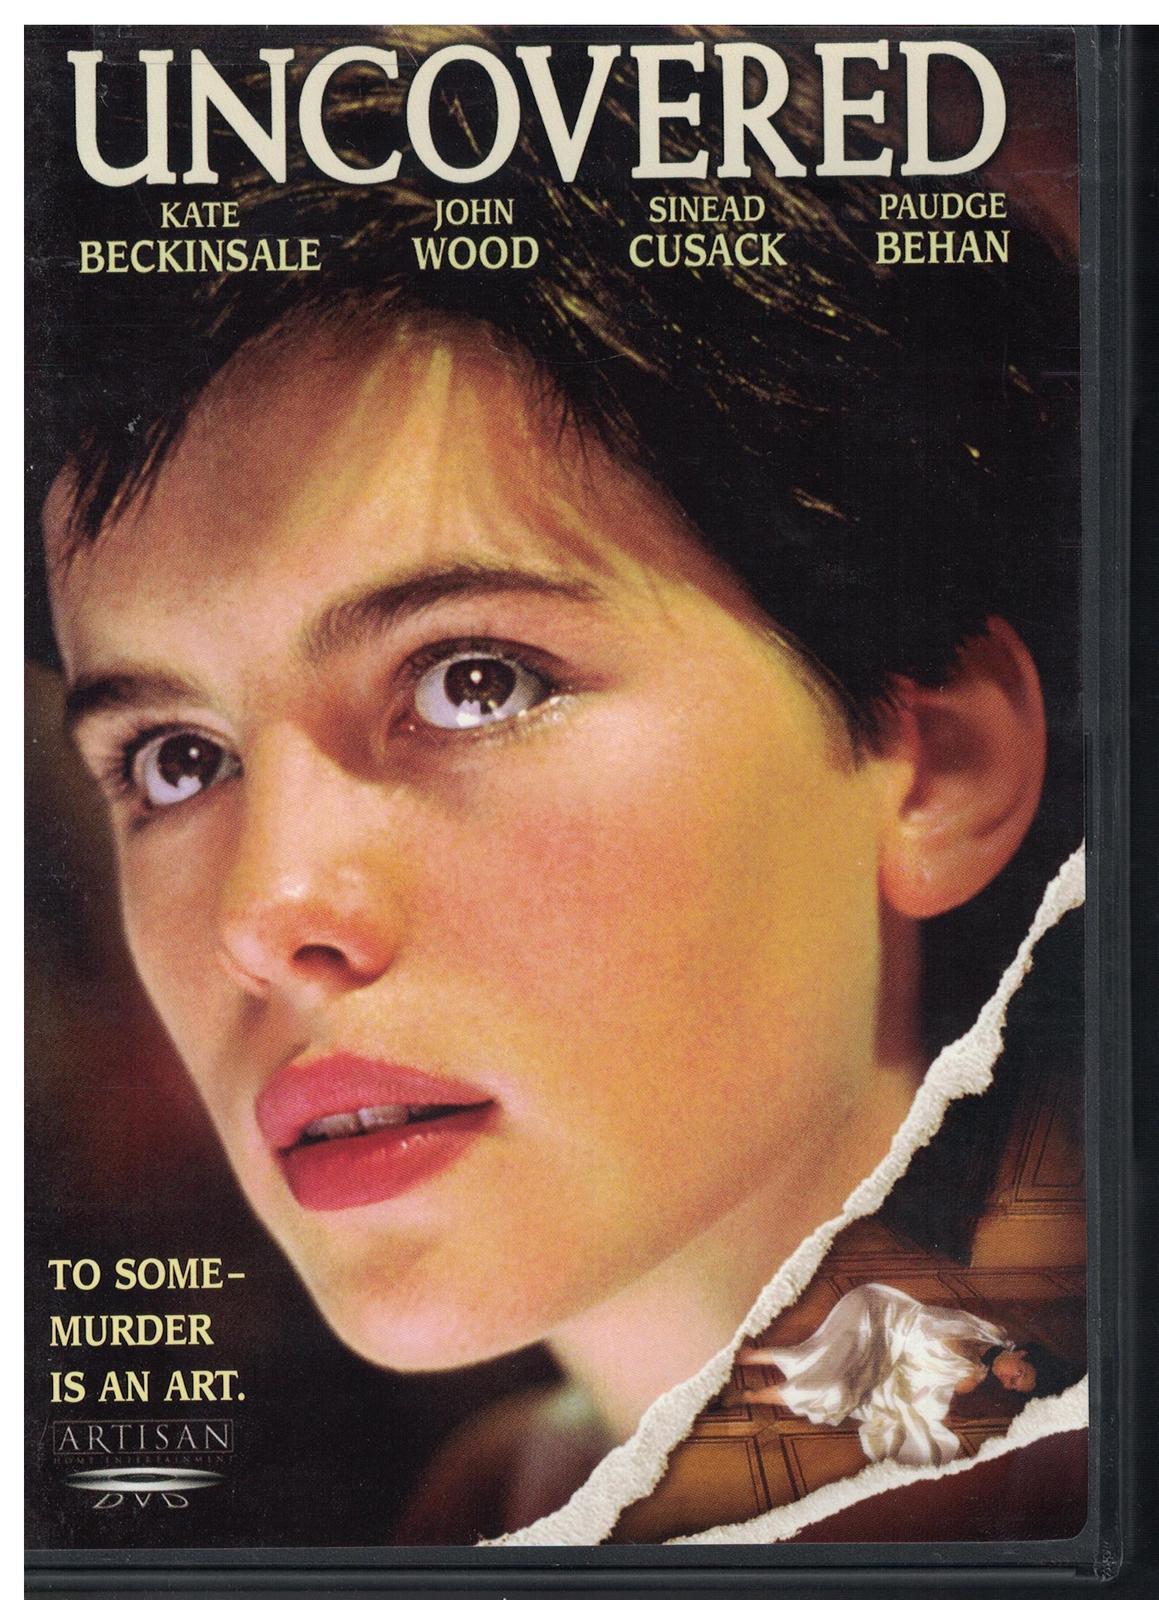 Uncovered DVD 1995 Kate Beckinsale John Wood Suspense Thiller full screen